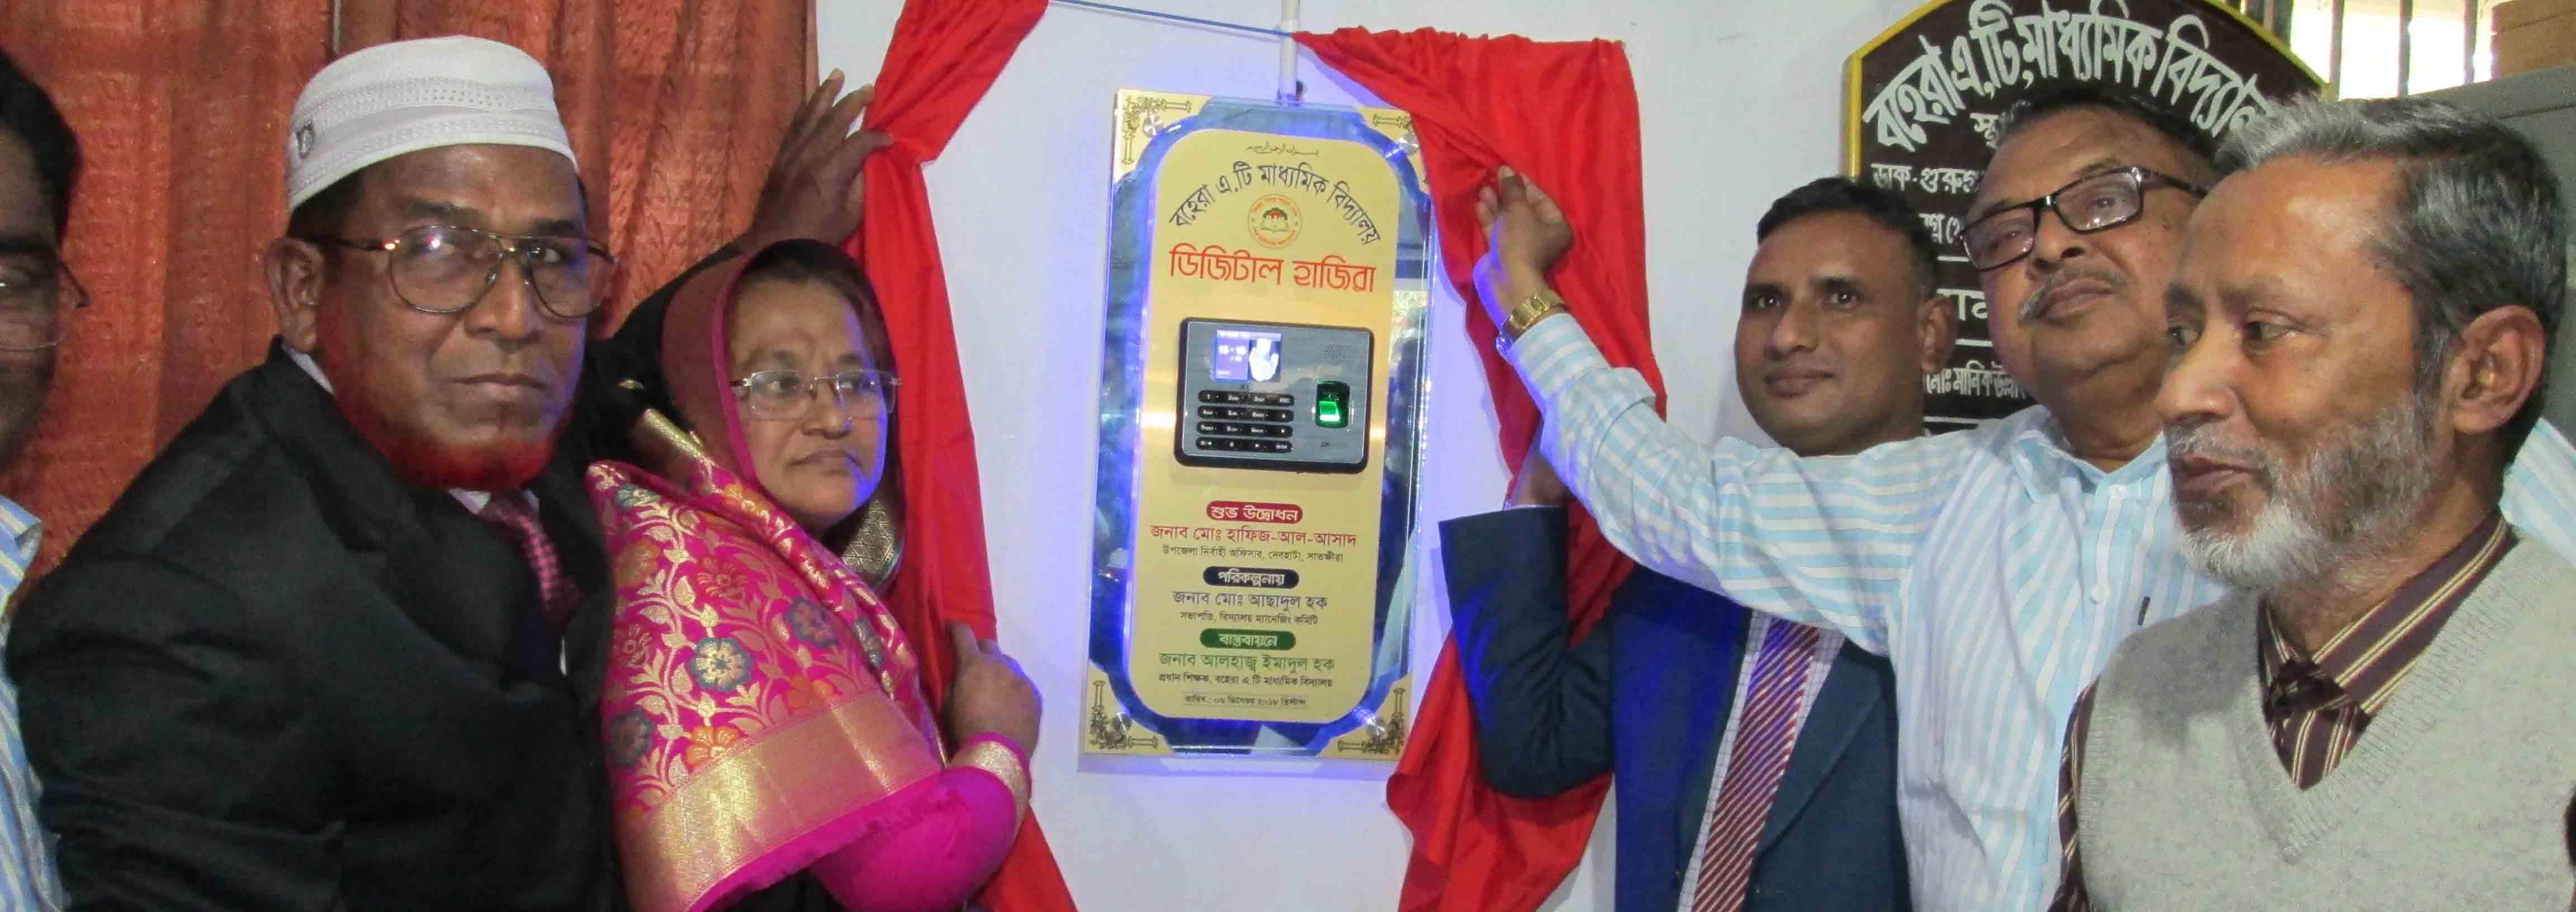 বহেরা হাইস্কুলে শিক্ষকদের ডিজিটাল হাজিরার উদ্বোধন